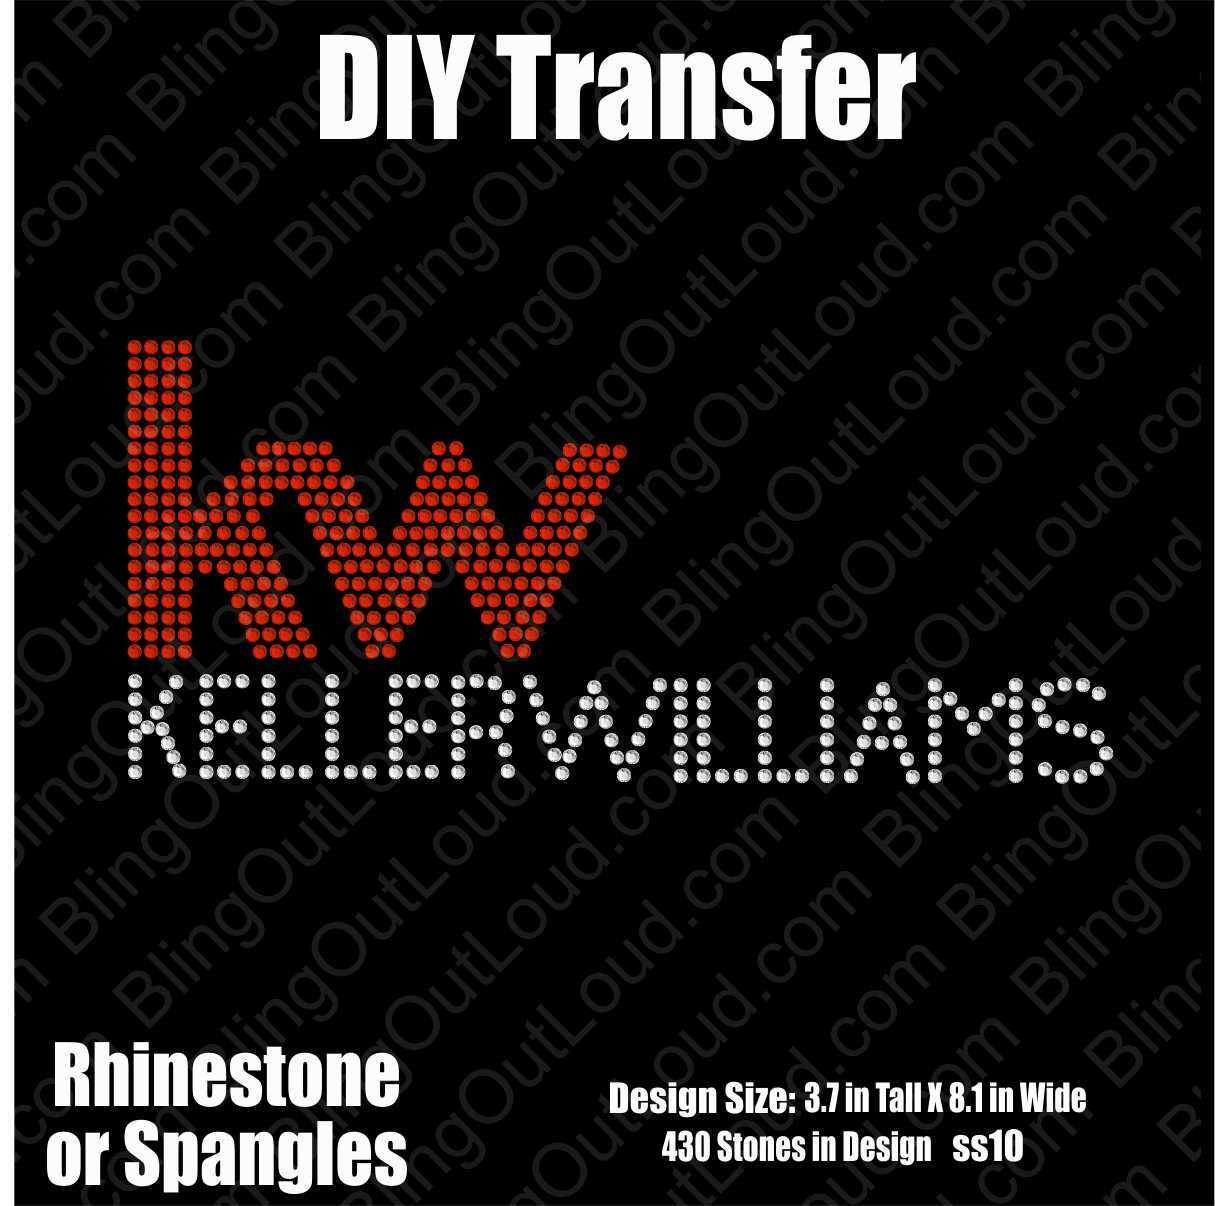 Keller Williams Realty Rhinestone Bling Realtor Logo Transfer